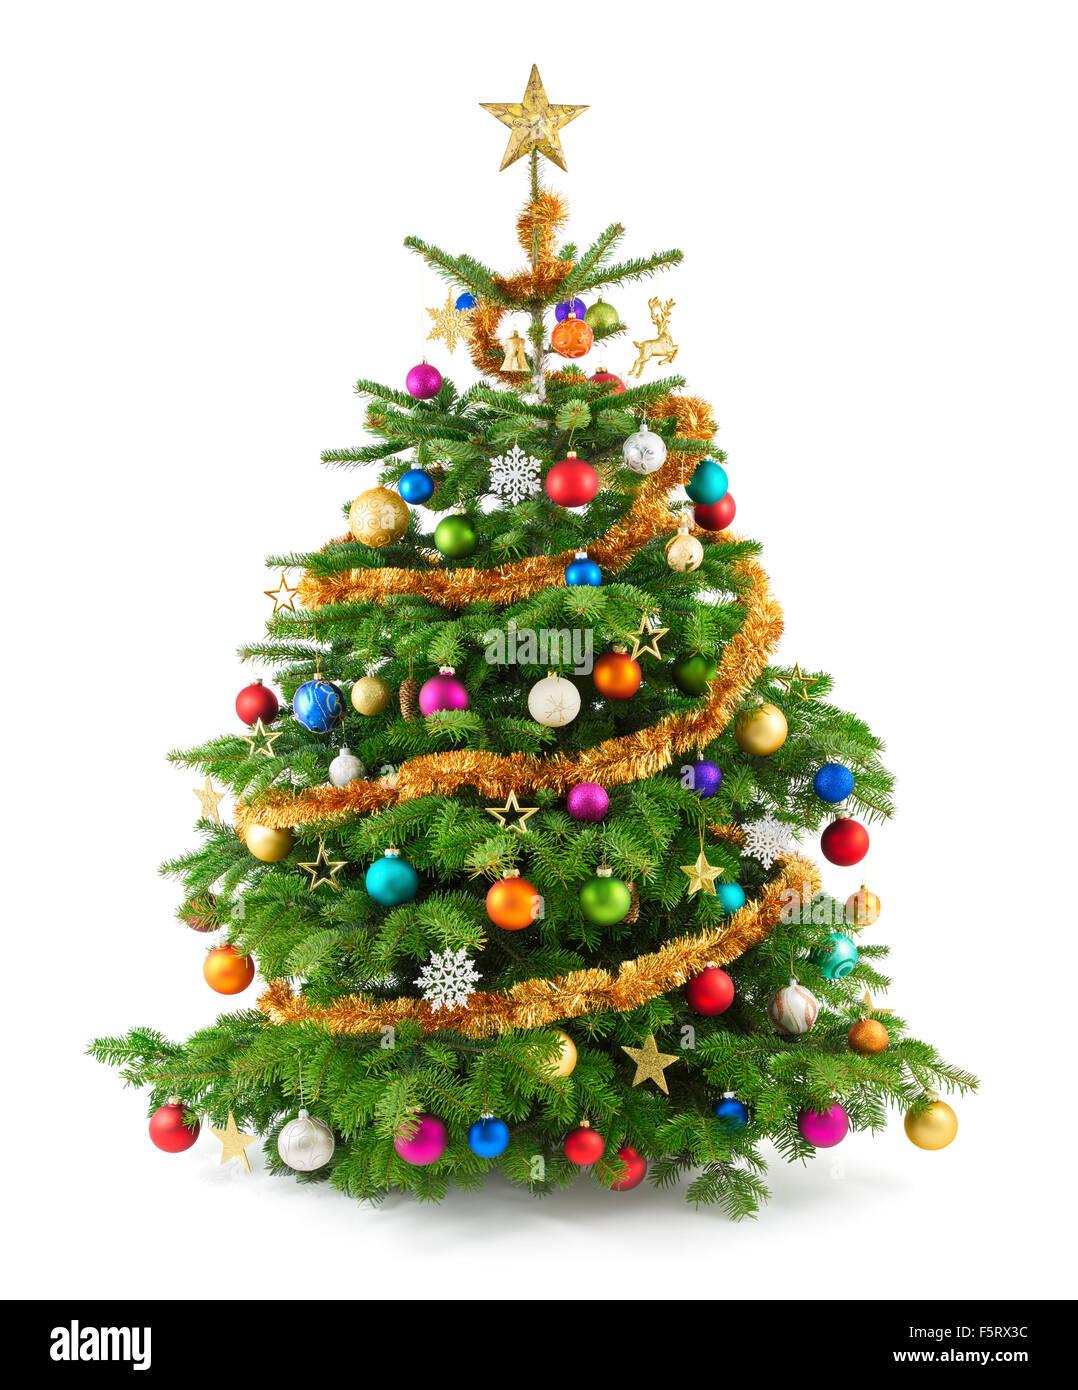 Freudige Studioaufnahme von einem Weihnachtsbaum mit bunten Ornamenten, isoliert auf weiss Stockfoto